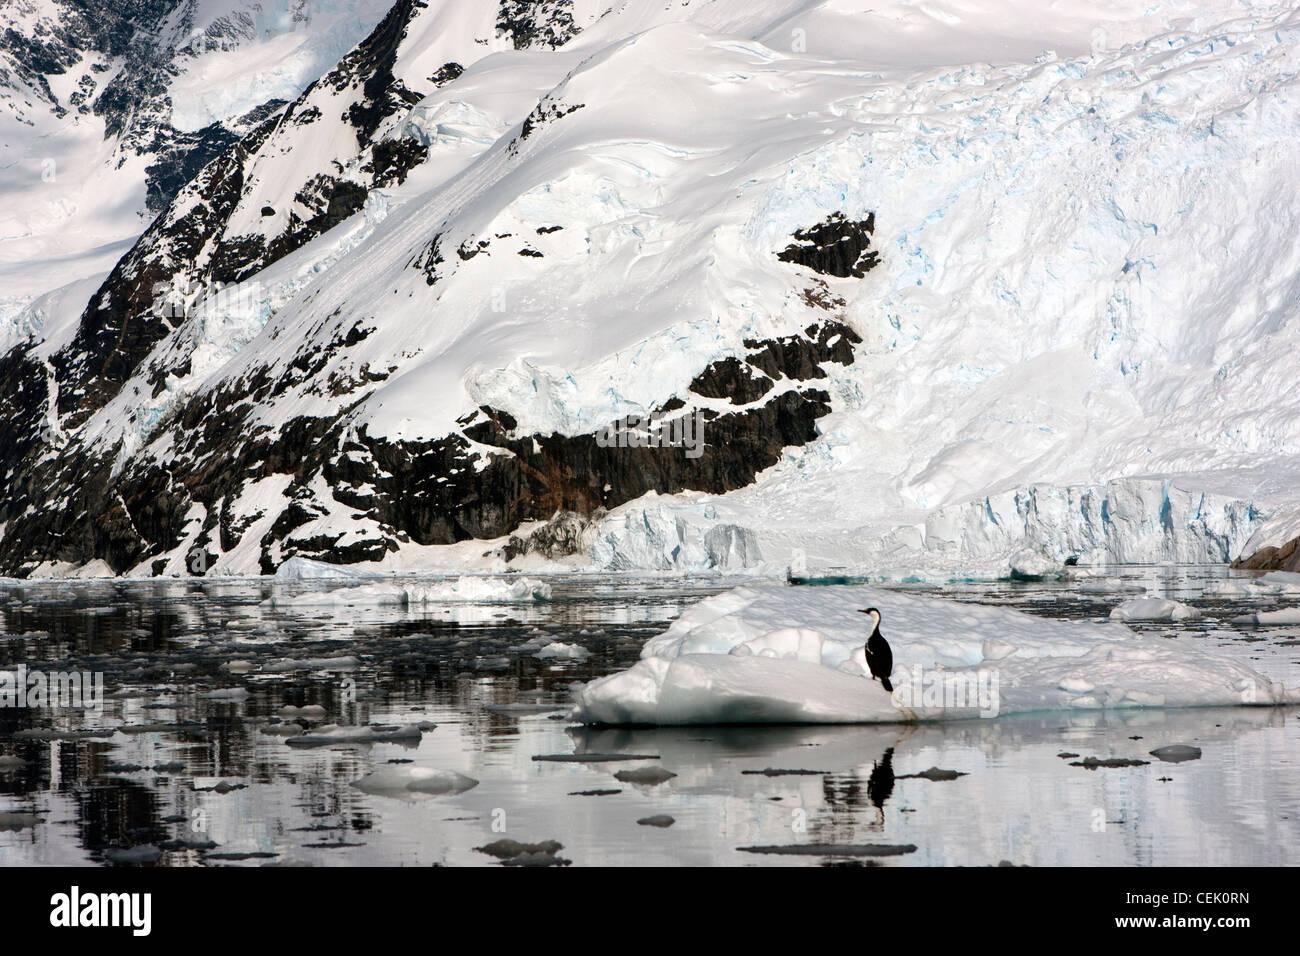 La montagne enneigée en Antarctique avec blue eyed shag assis sur l'iceberg Banque D'Images